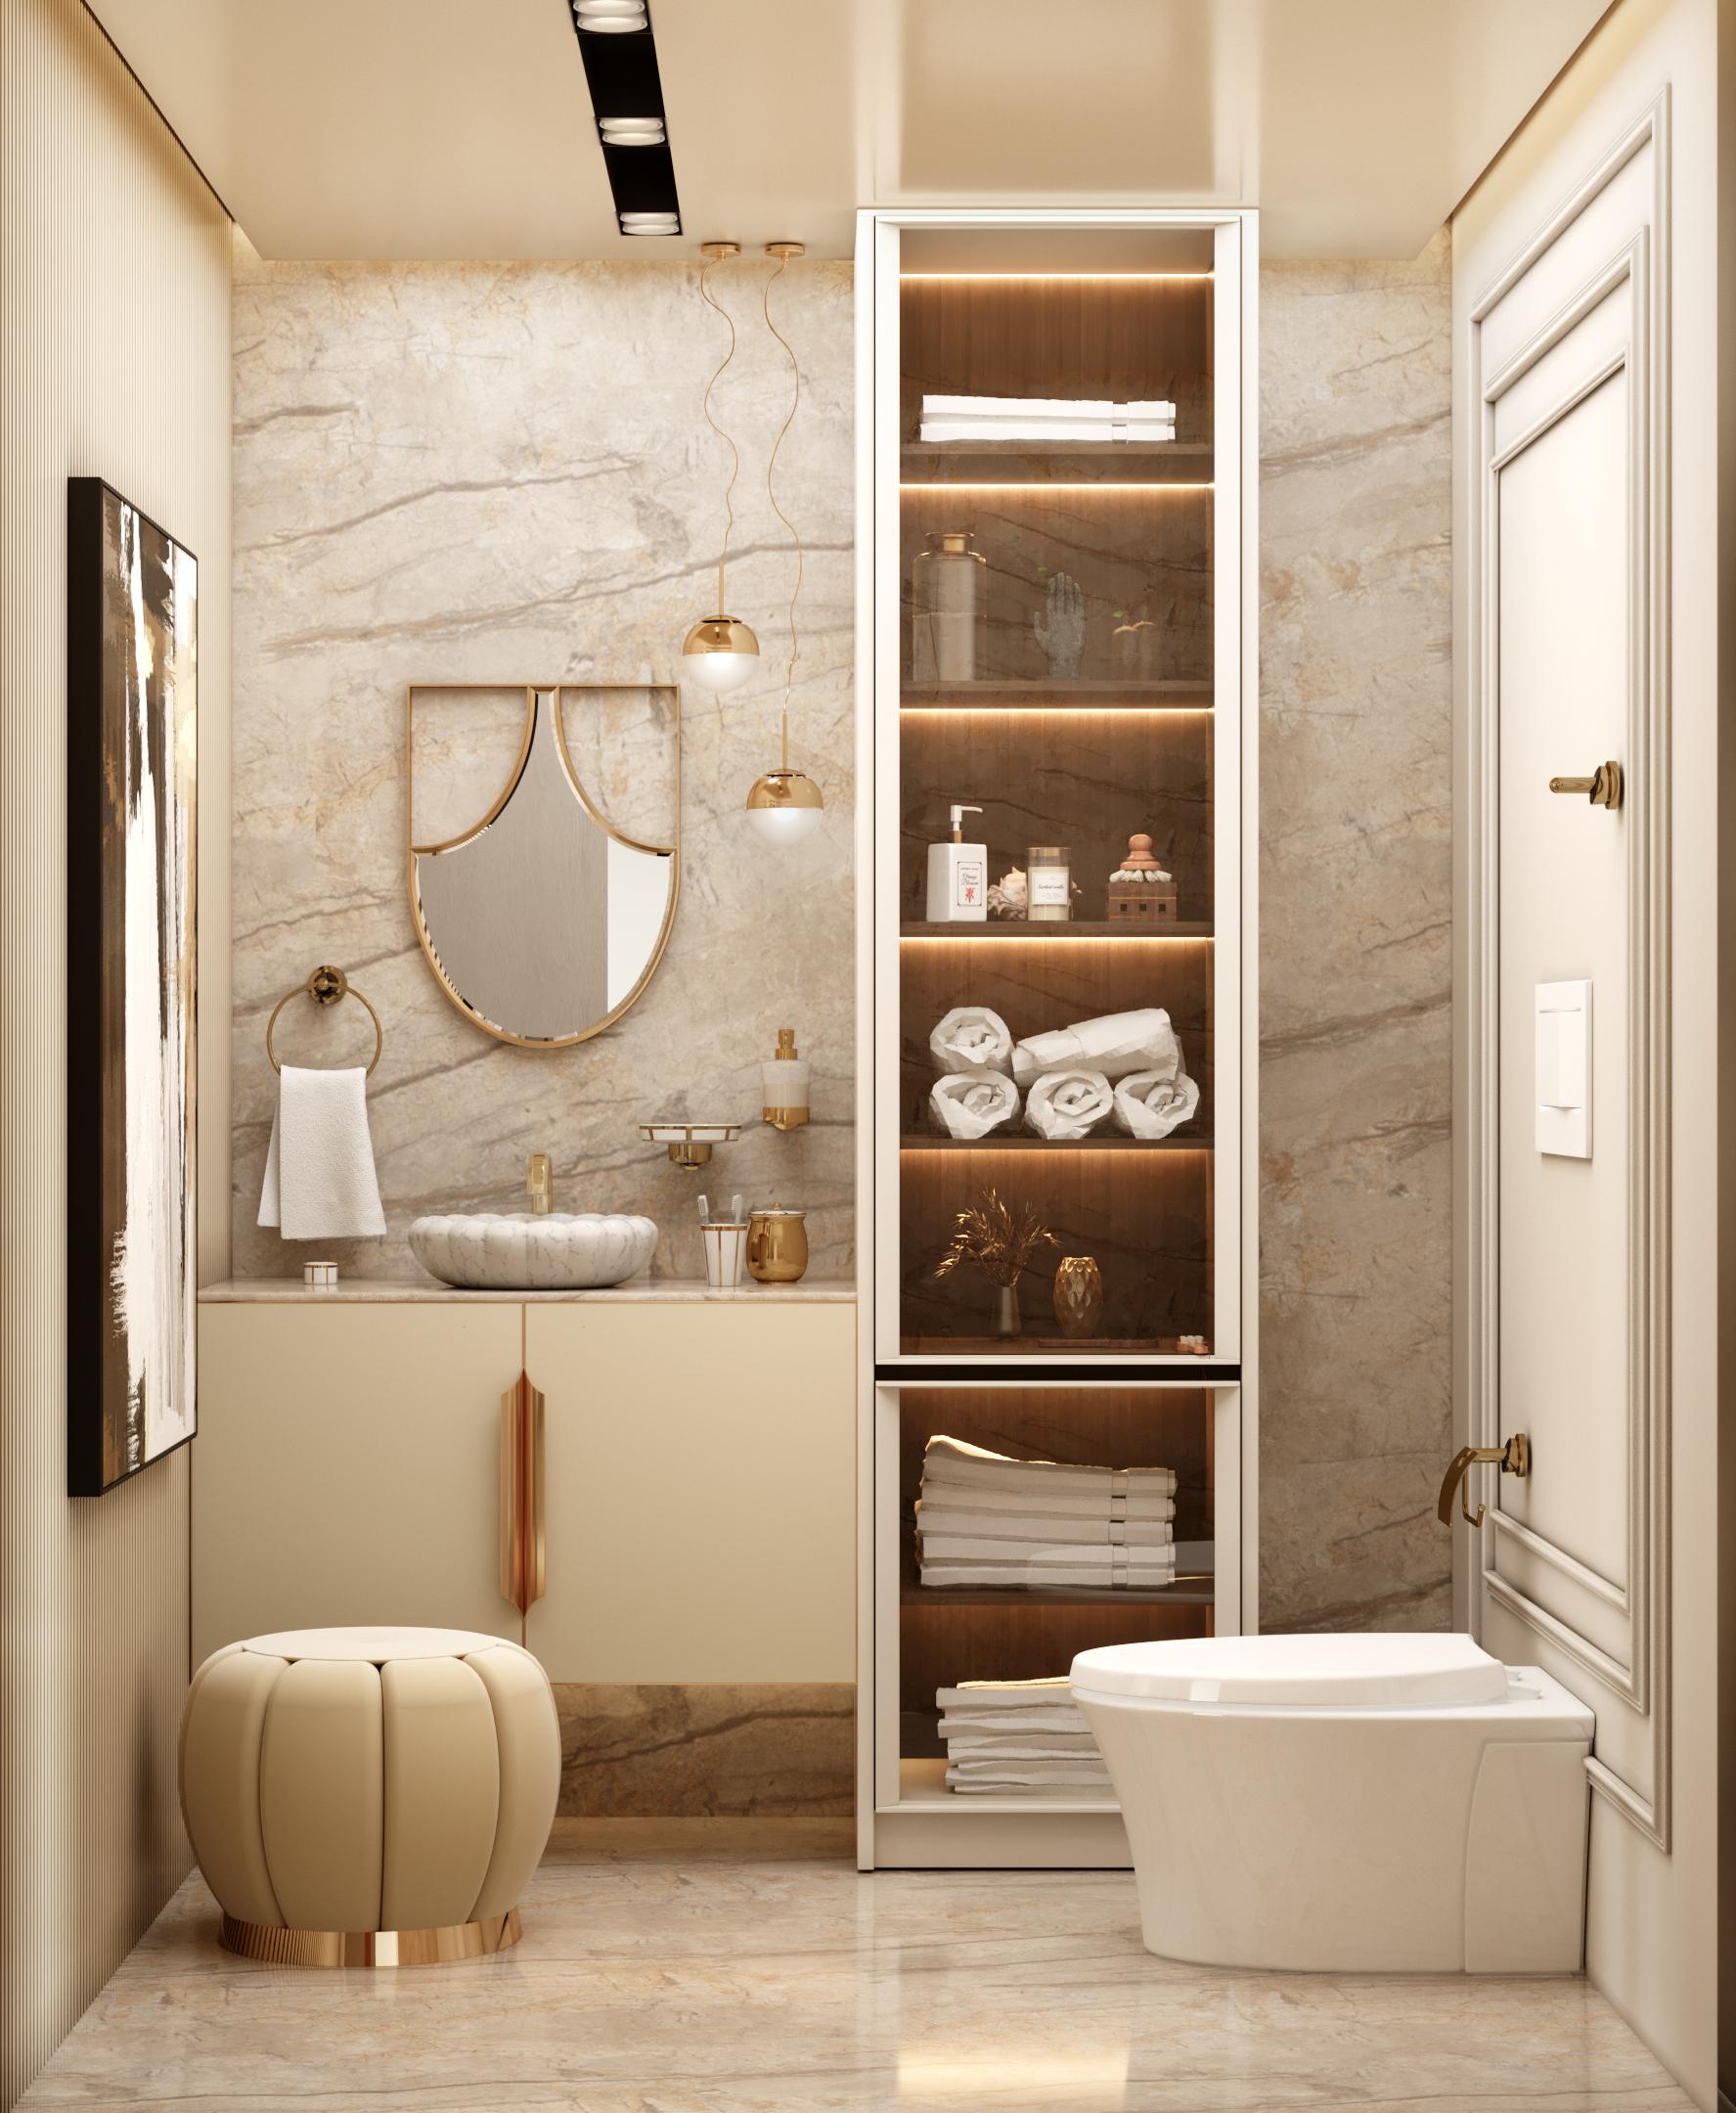 Baño poderoso del Ático Moderno y Contemporáneo de Millones baño poderoso Baño poderoso del Ático Moderno y Contemporáneo de Millones Bathroom